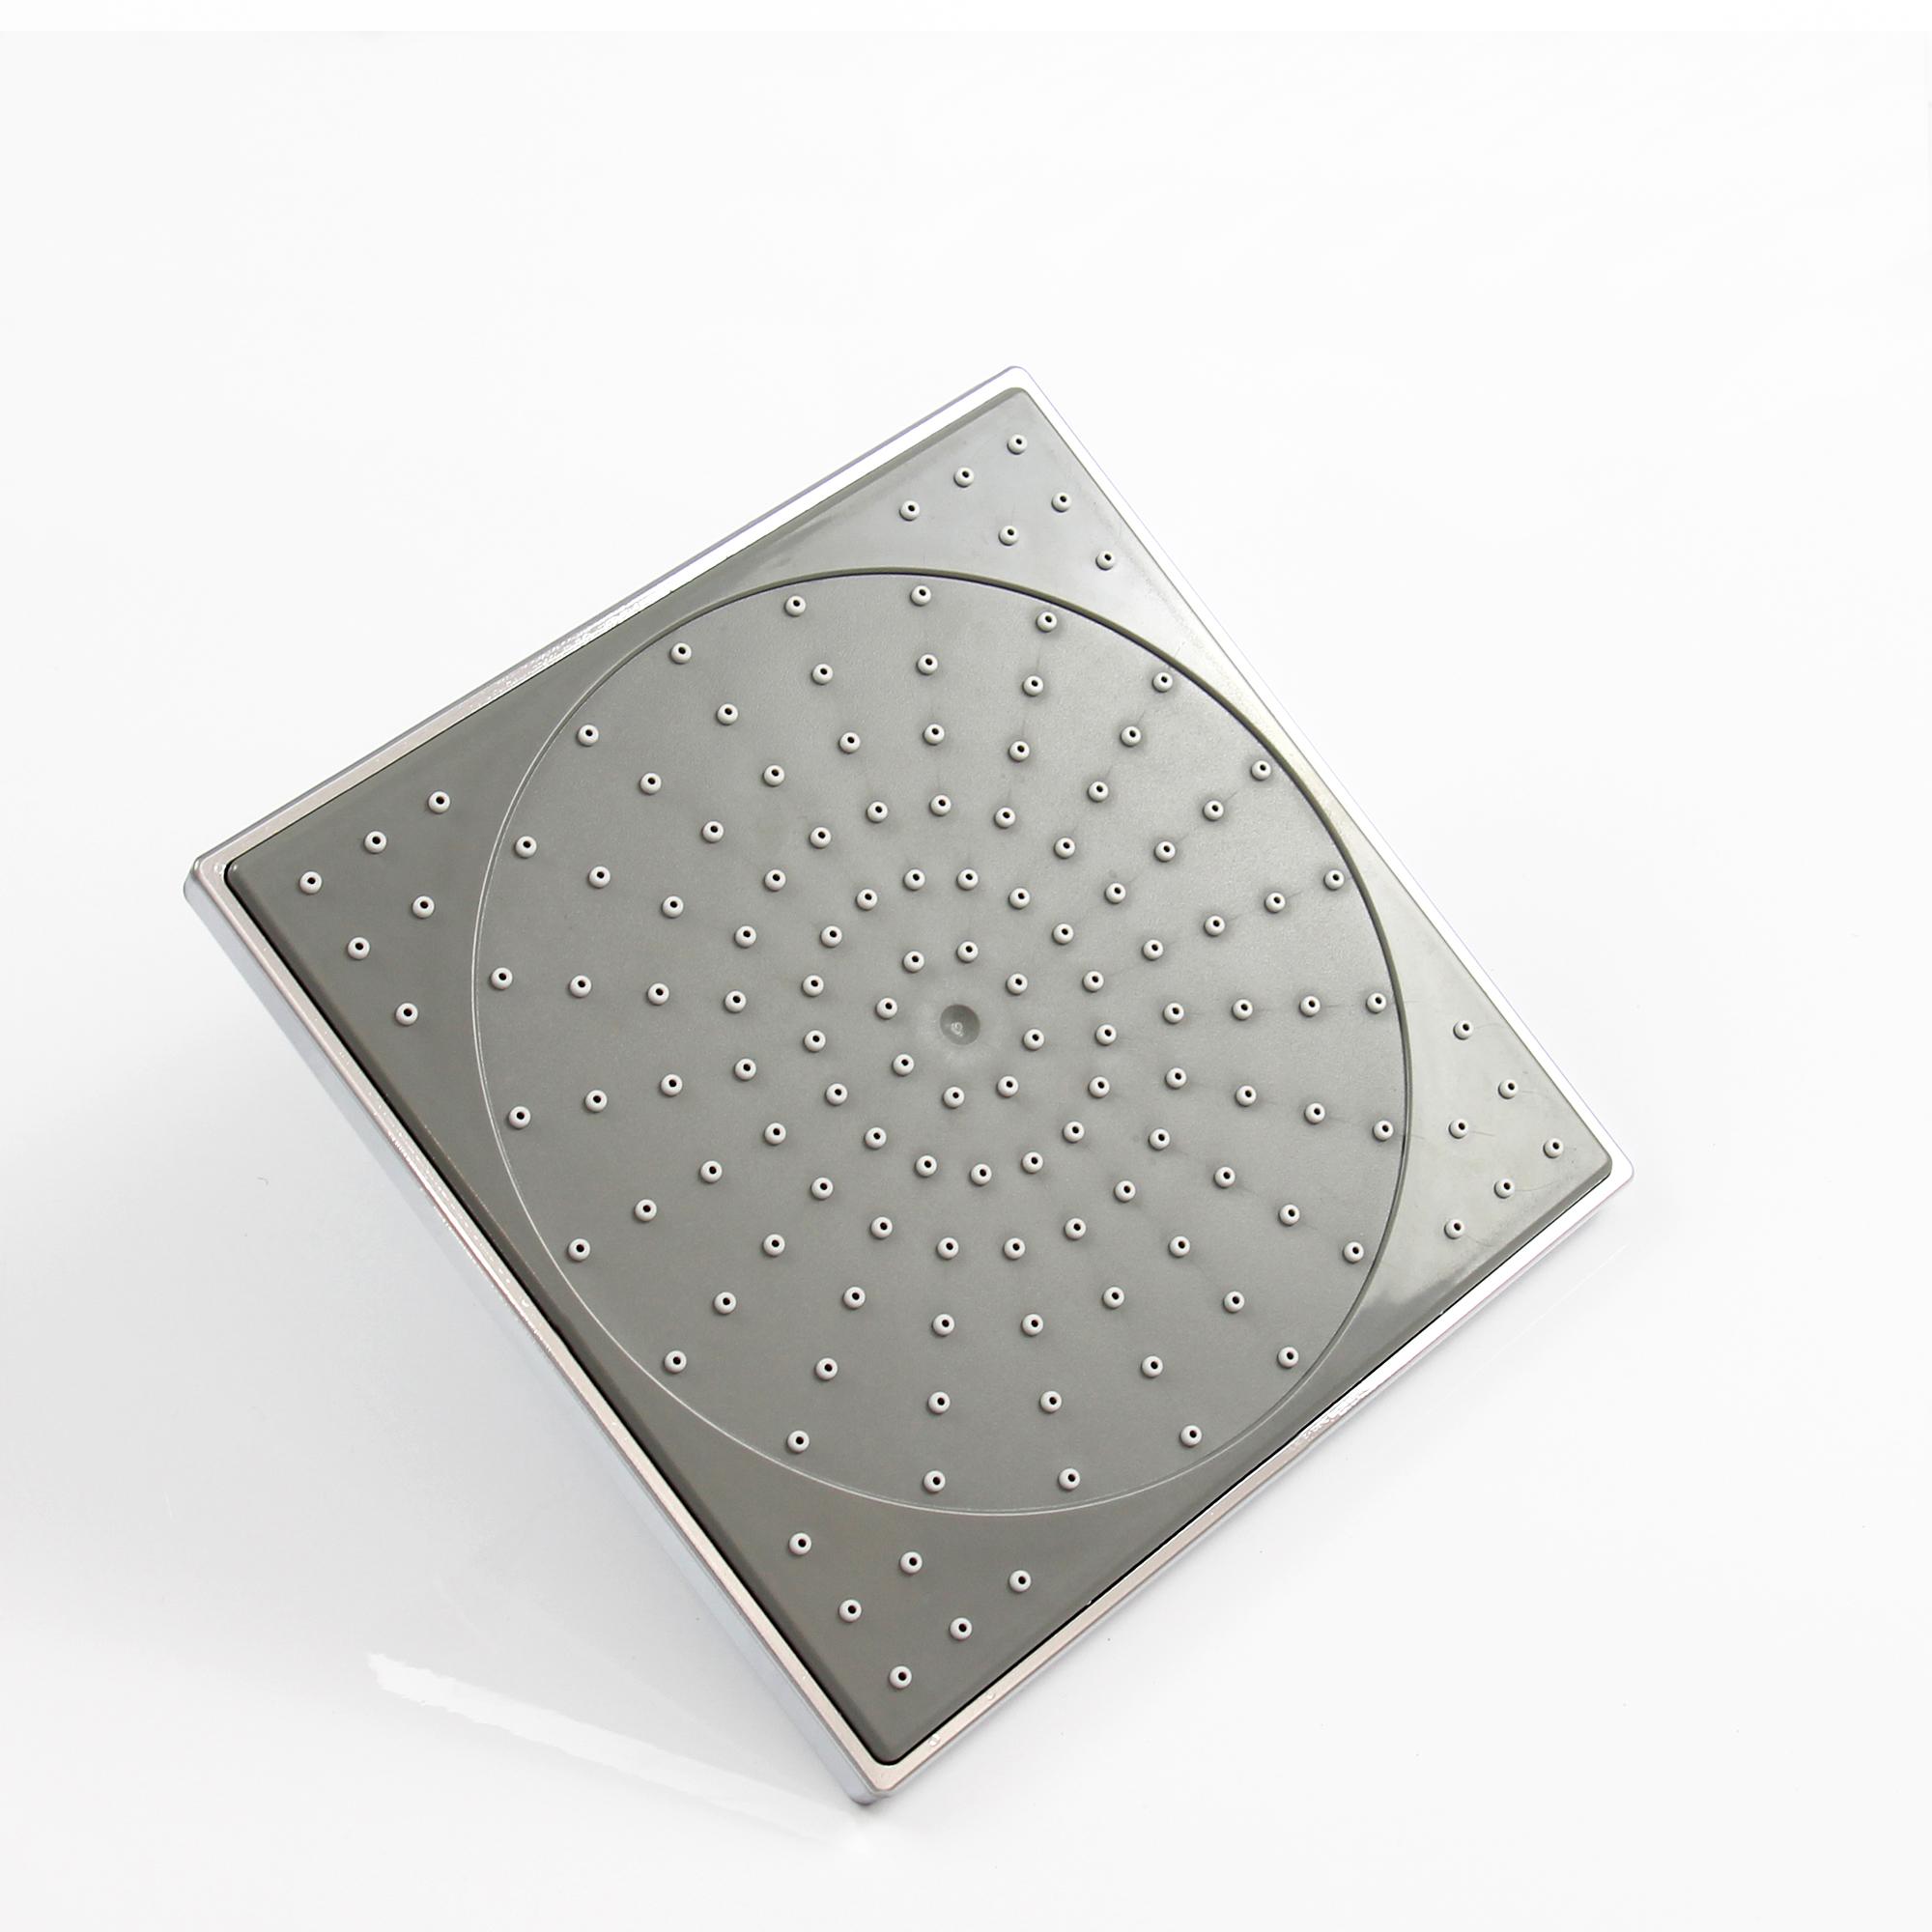 Zanzariera finestra protezione insetti u porta telaio aluminio rete zanzara ebay - Tagliare vetro finestra ...